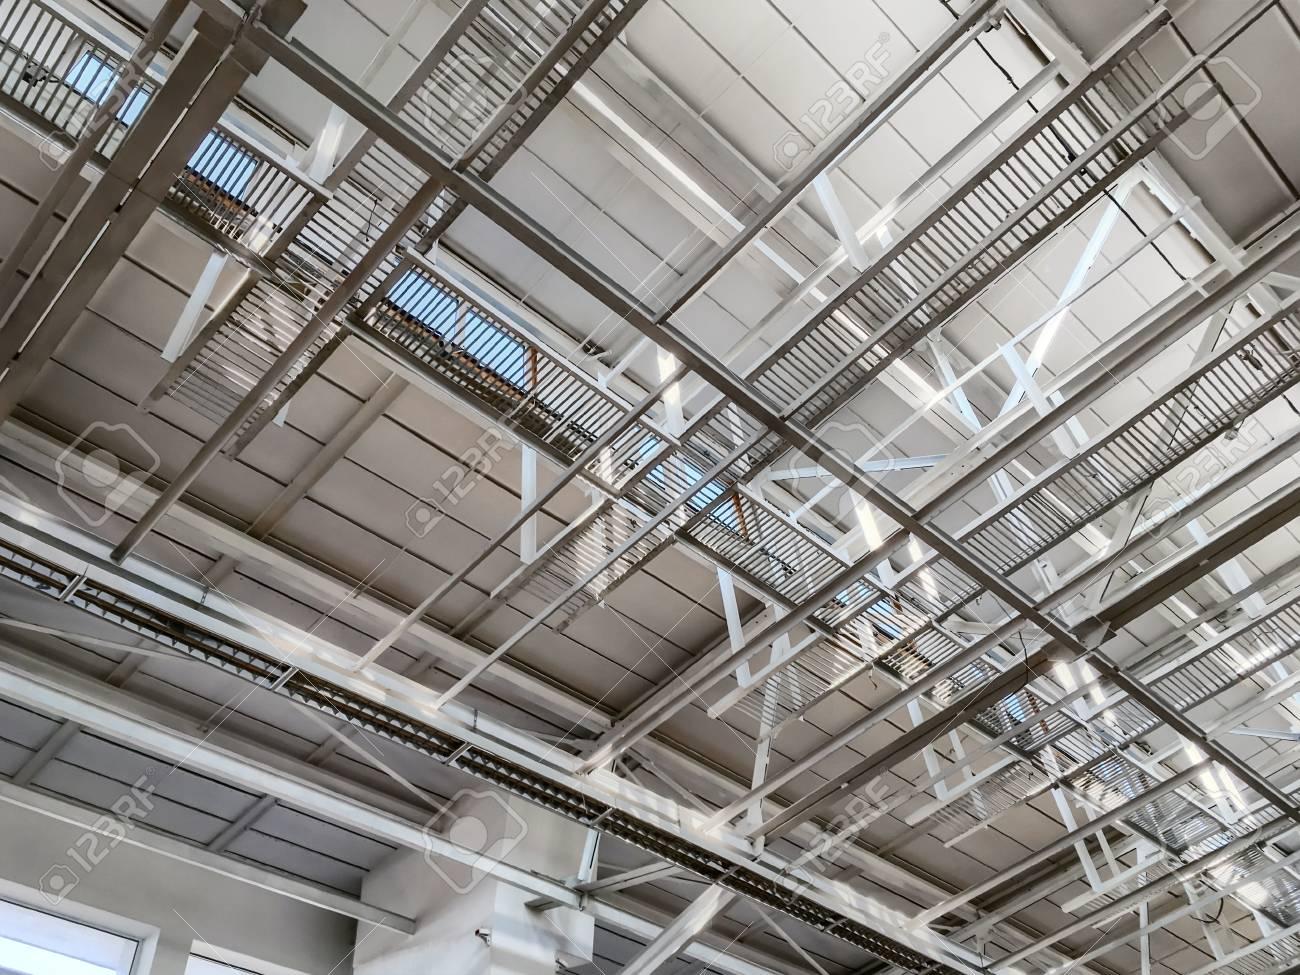 Estructura Metálica Del Techo Del Edificio Industrial Con Vigas De ...